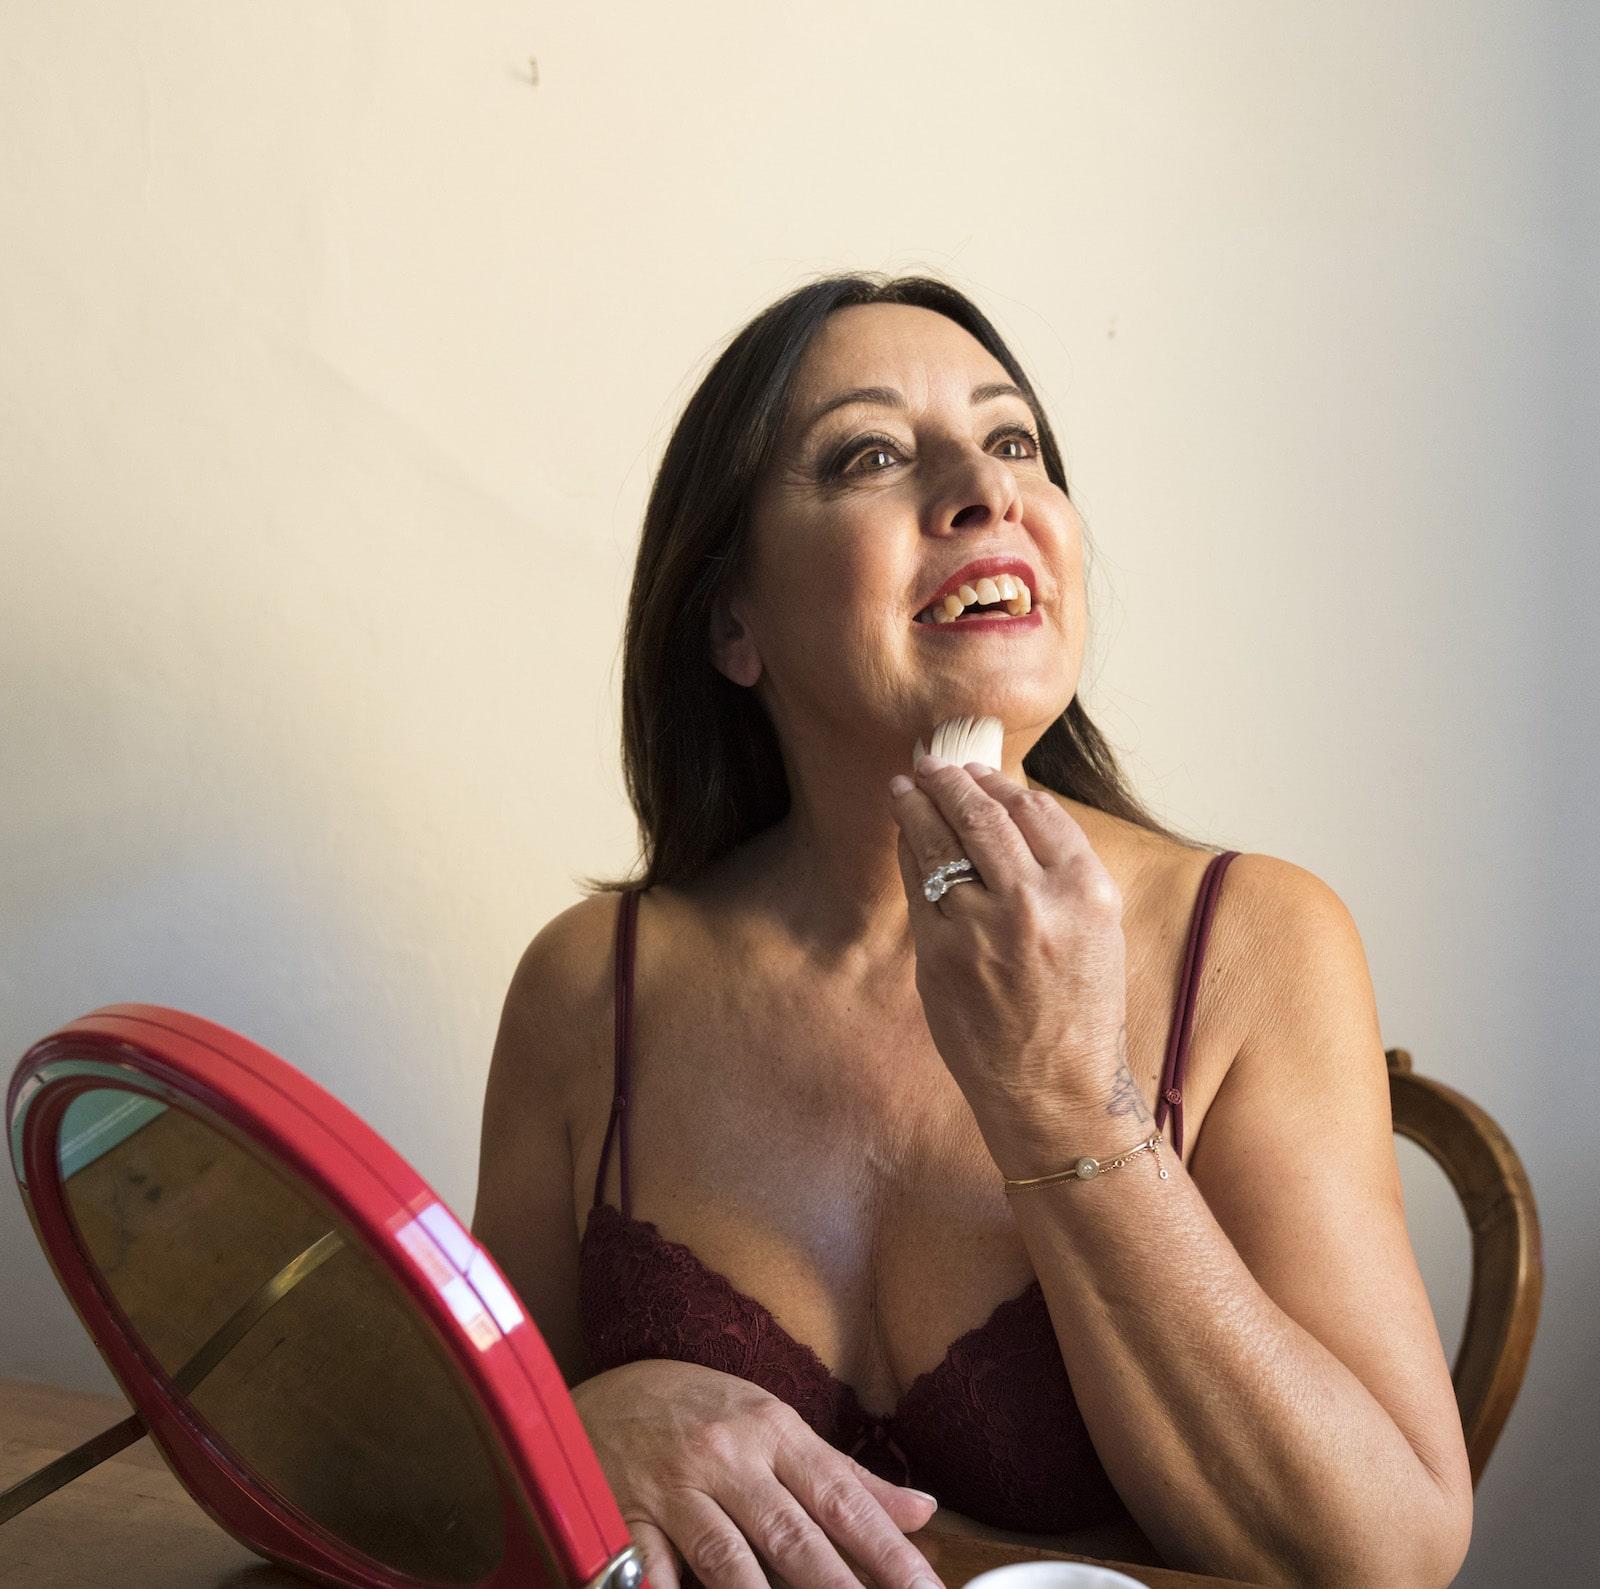 rughe sul collo come eliminarle